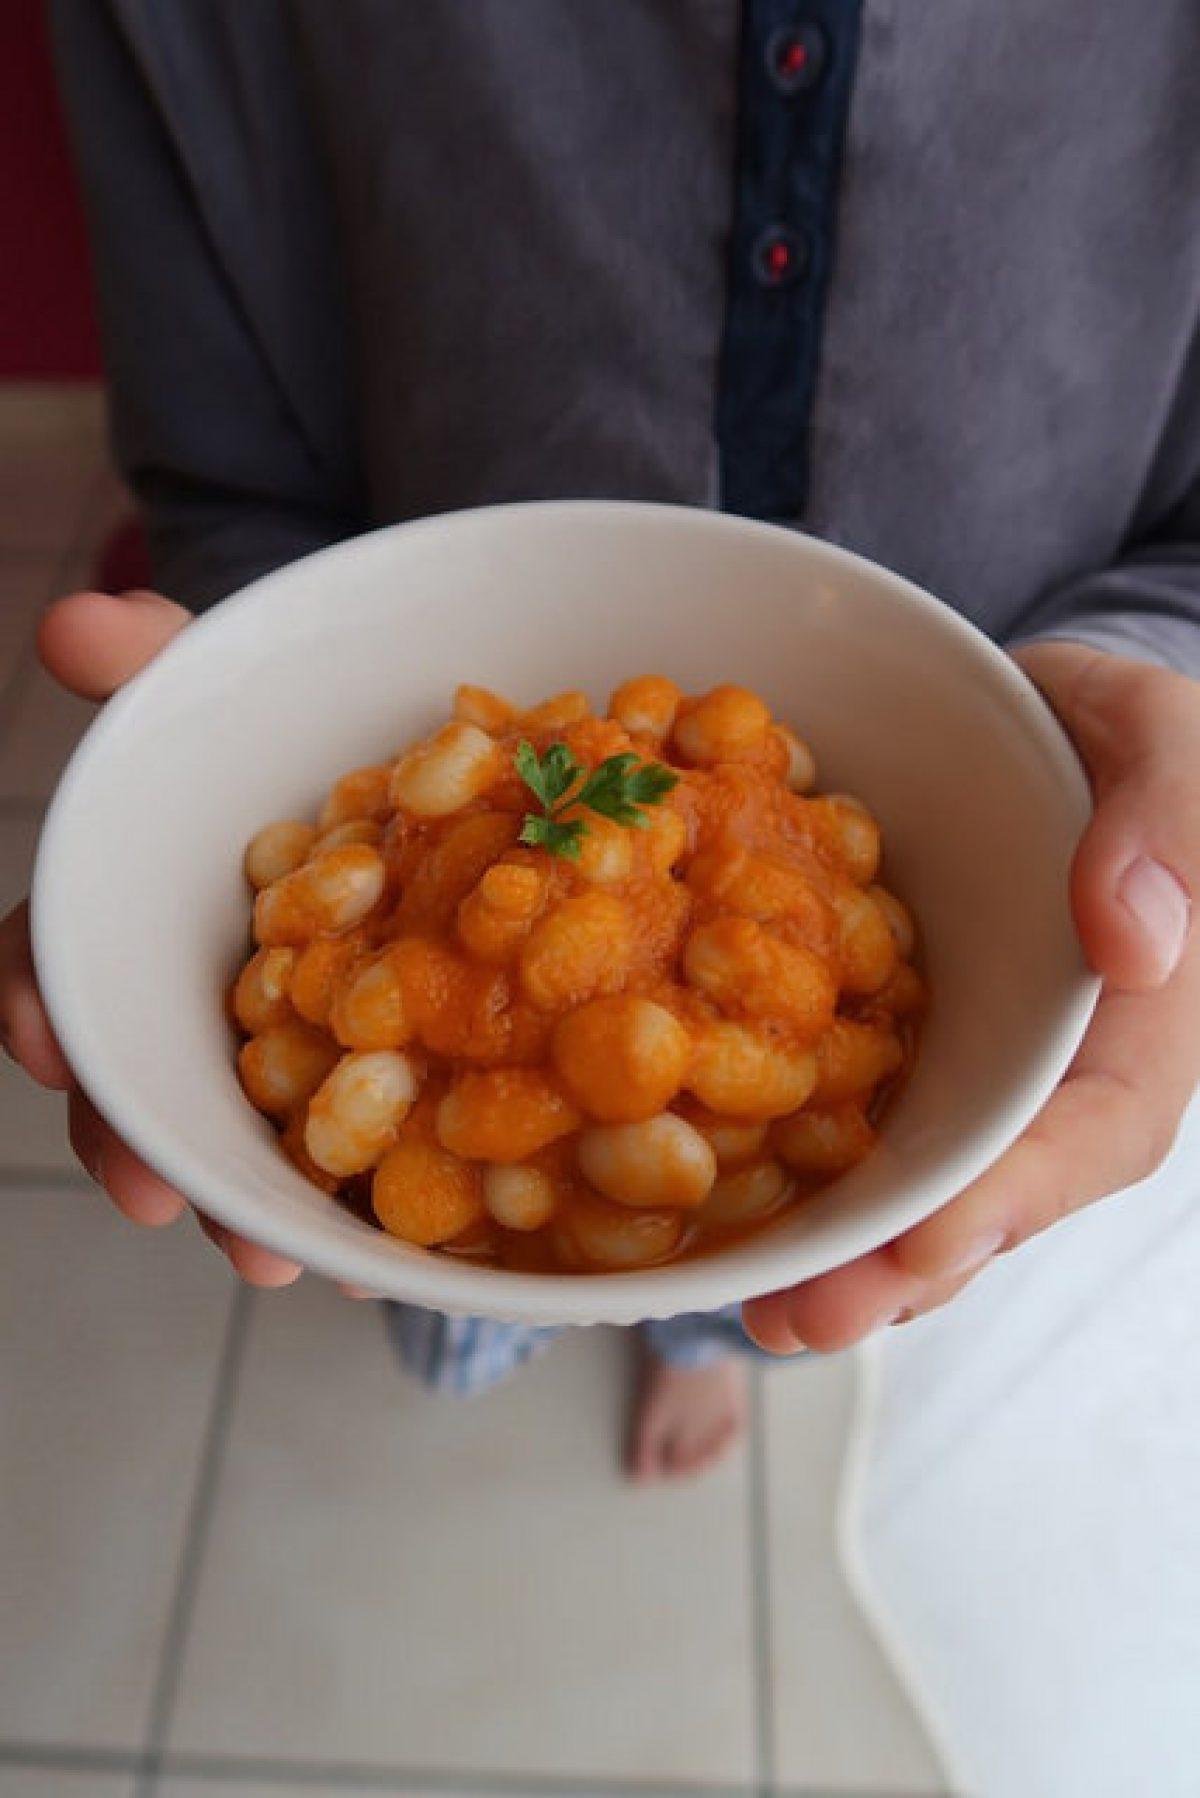 Cuisson Coco De Paimpol : cuisson, paimpol, Paimpol, Tomate, Audrey, Cuisine